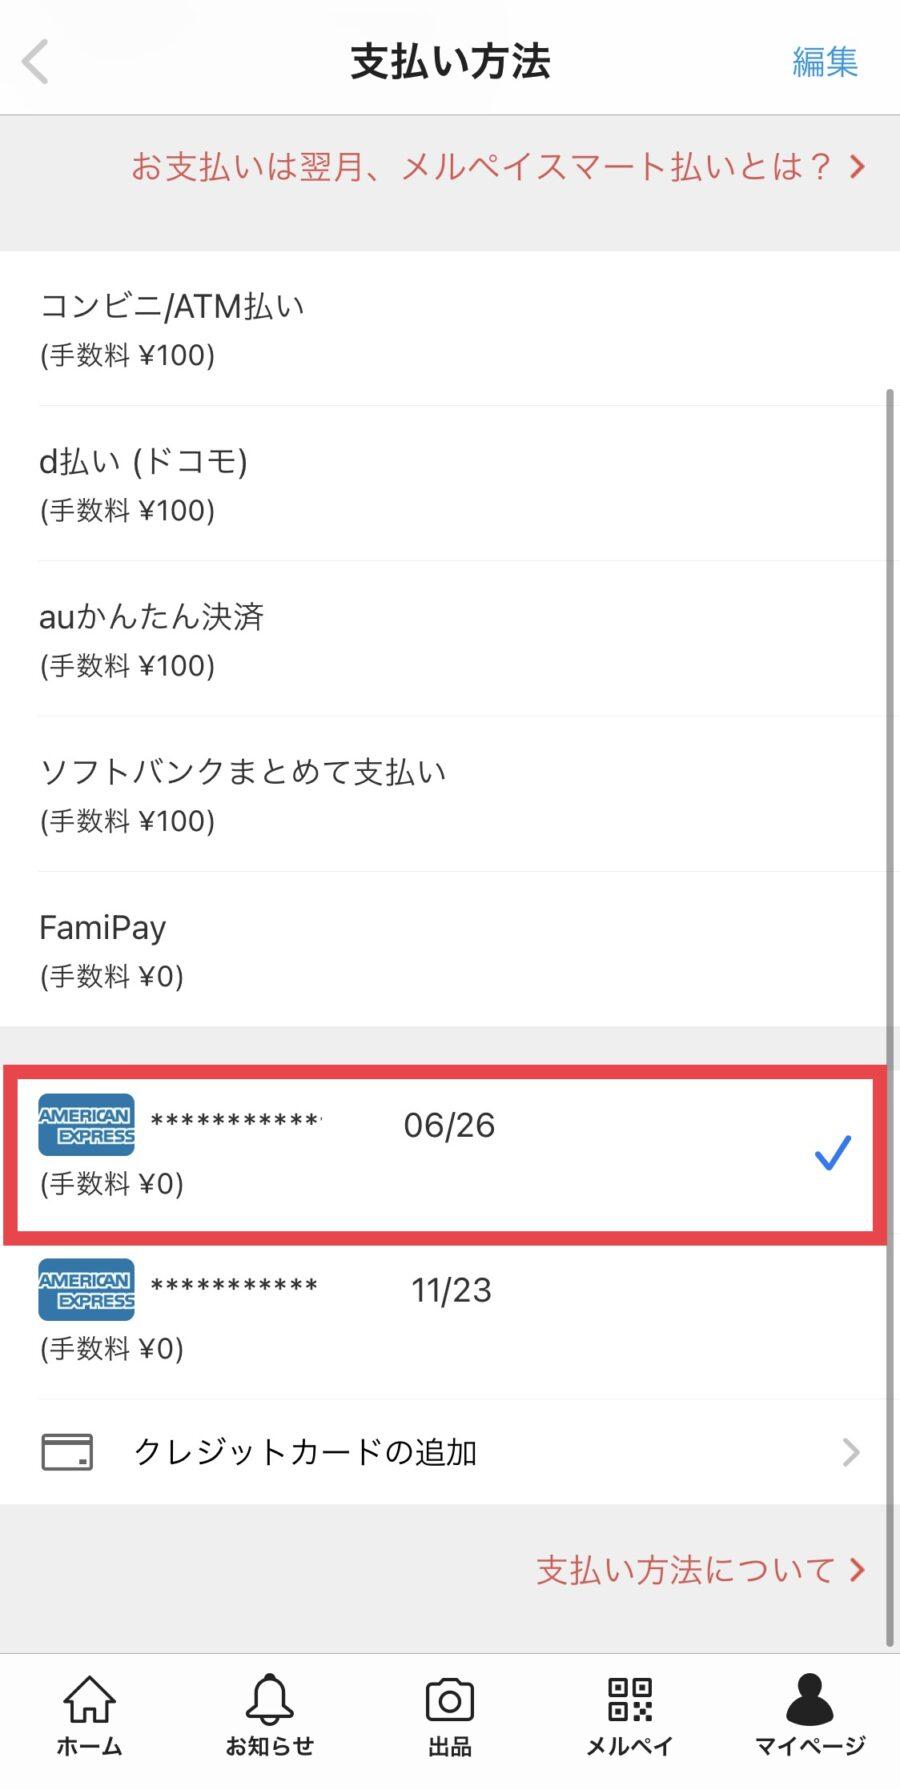 メルカリのクレジットカード追加・変更方法6